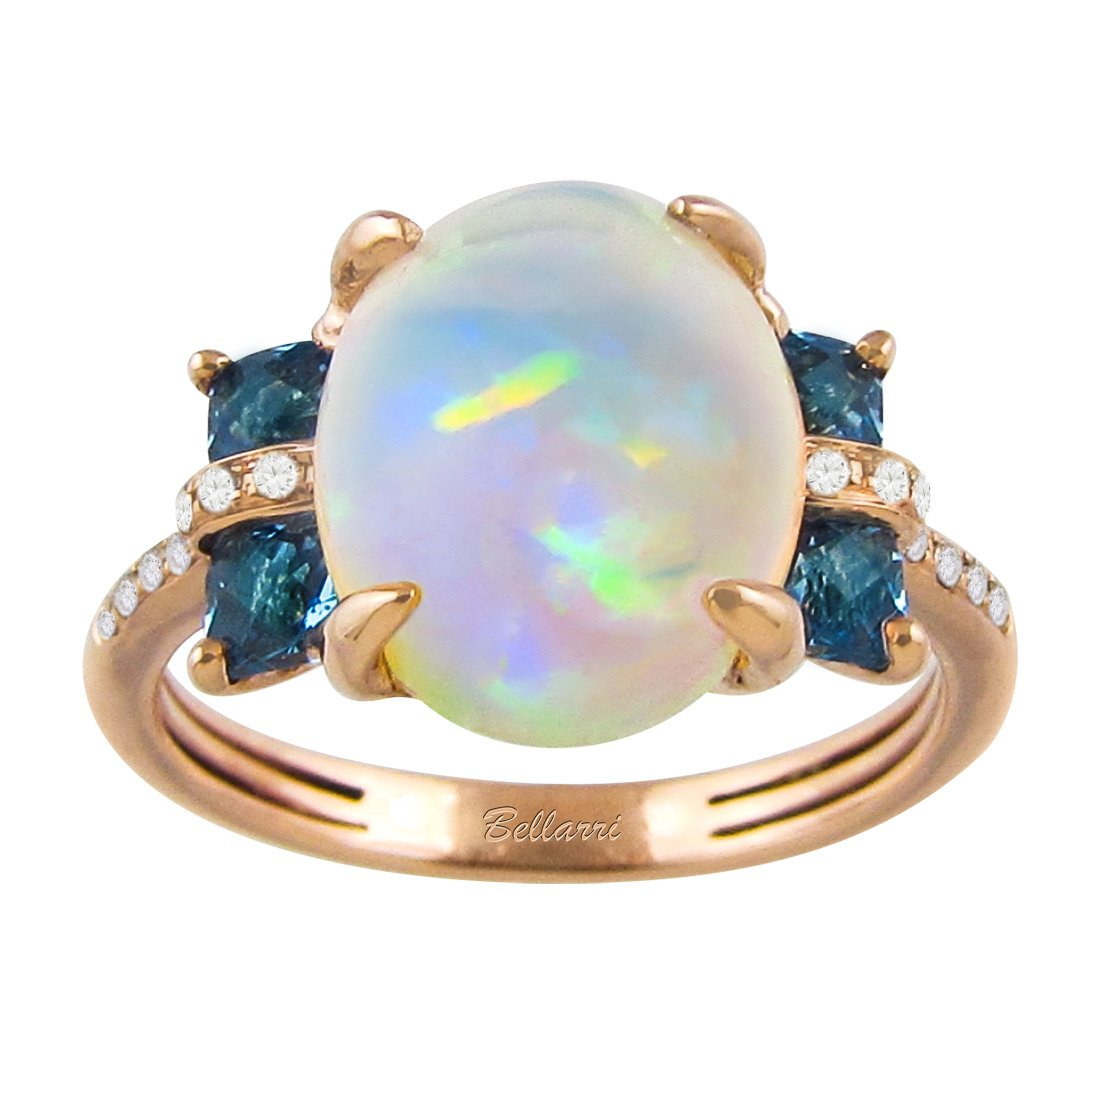 BELLARRI Athena Opal Ring